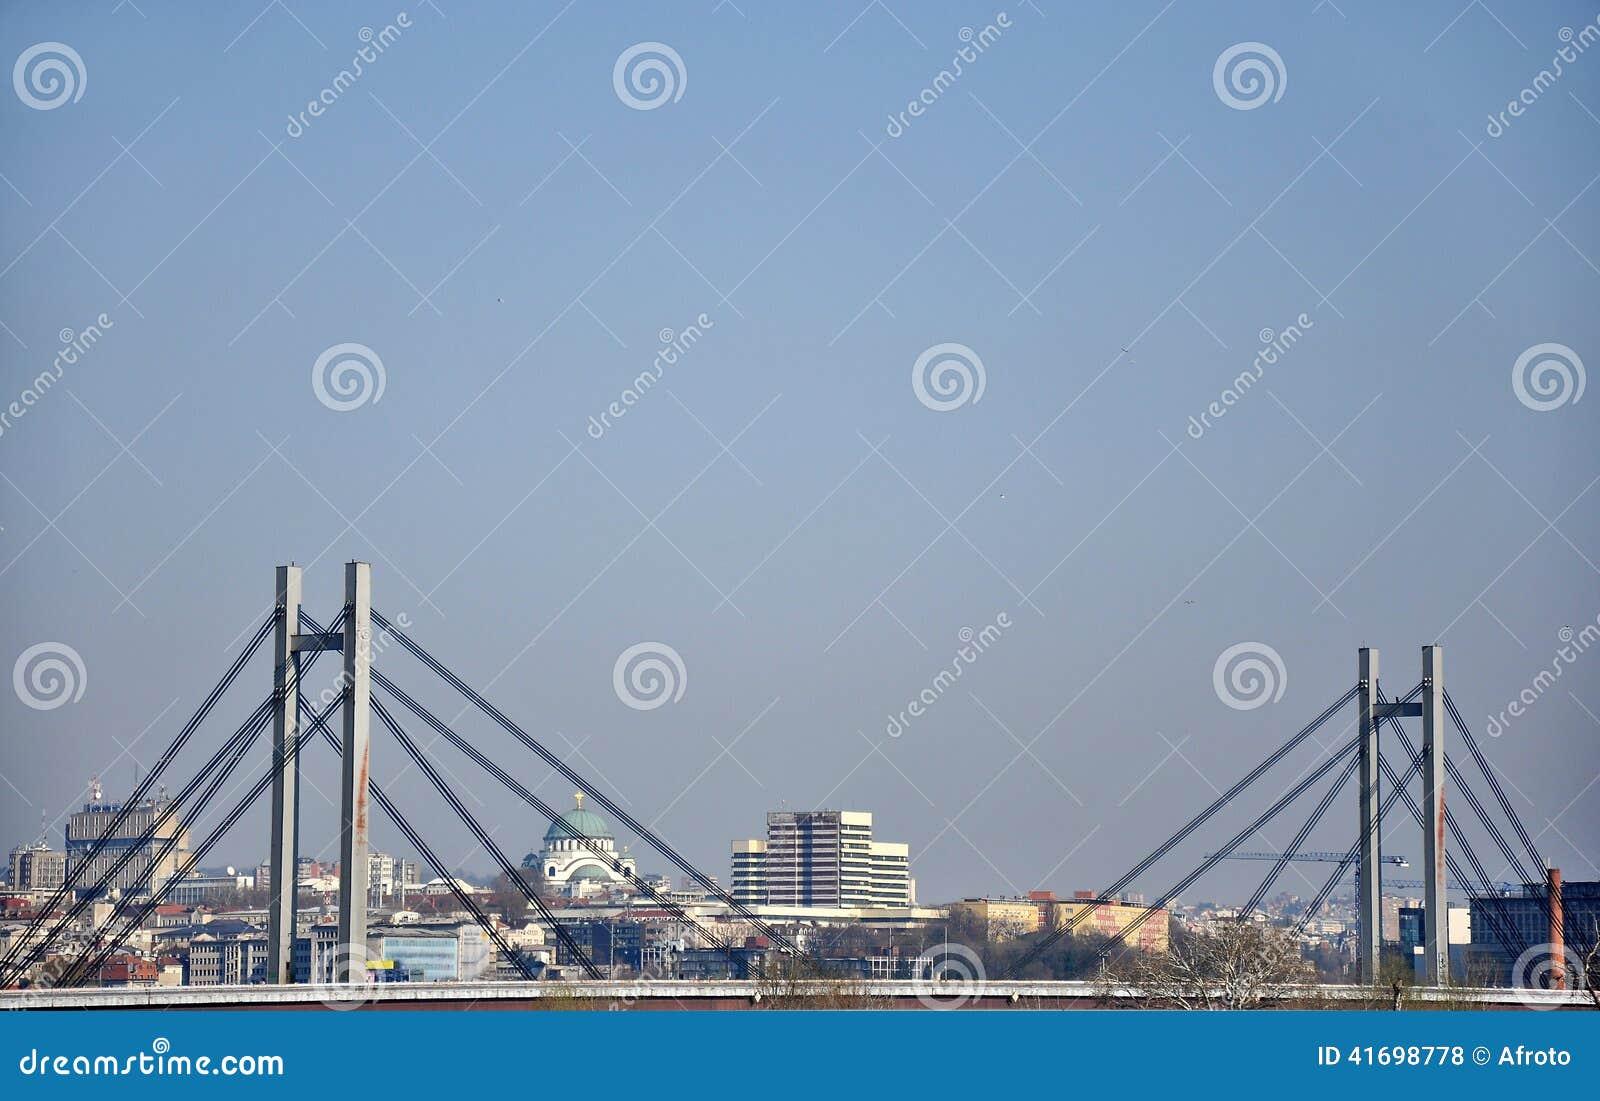 Puente en la ciudad grande de Belgrado